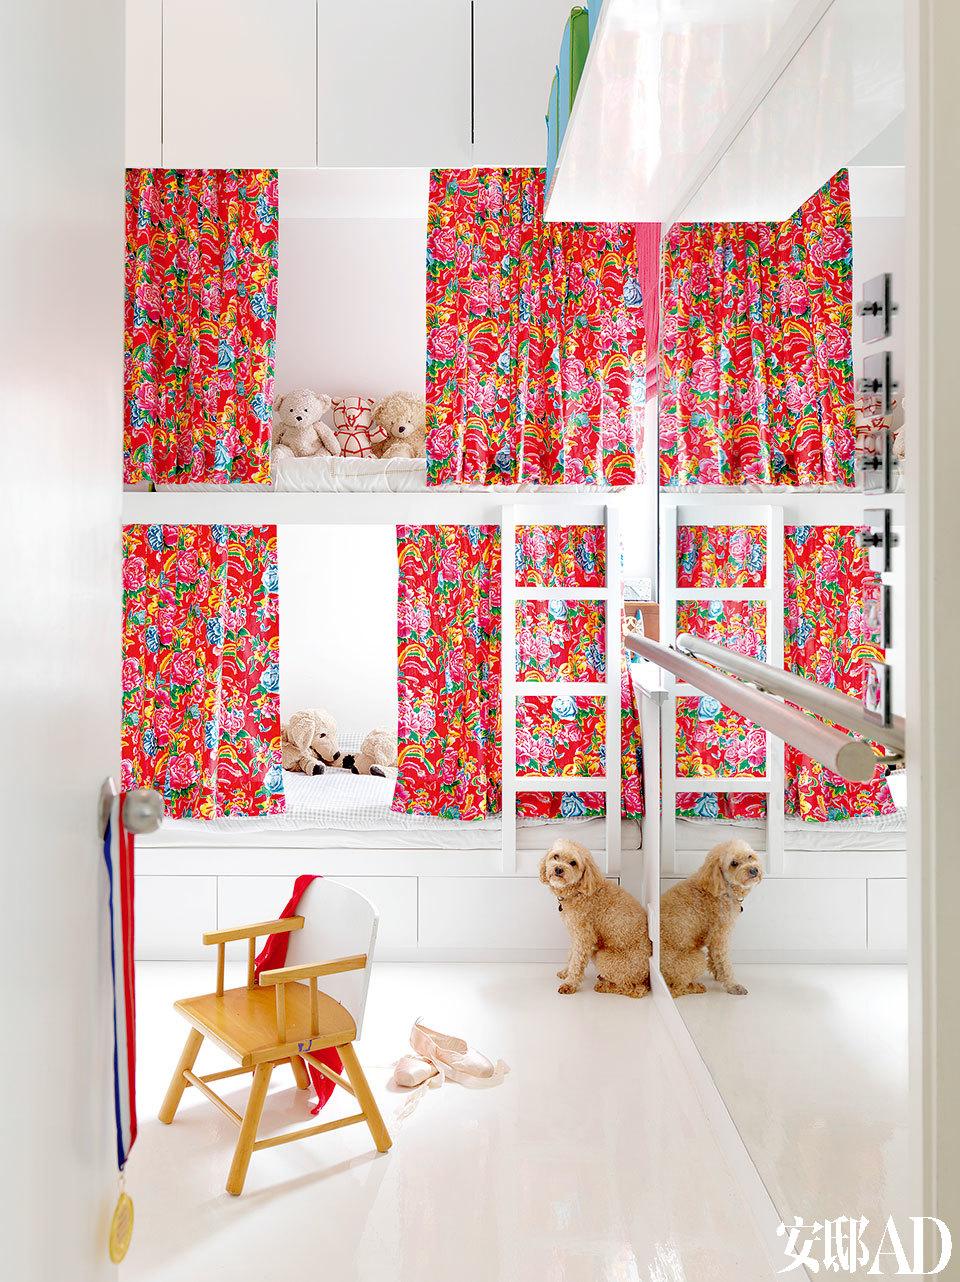 小朋友的房间以亮丽的民俗风格布料来提升活力,新增的落地镜和扶手杆是为Helen的女儿练习芭蕾舞所设。